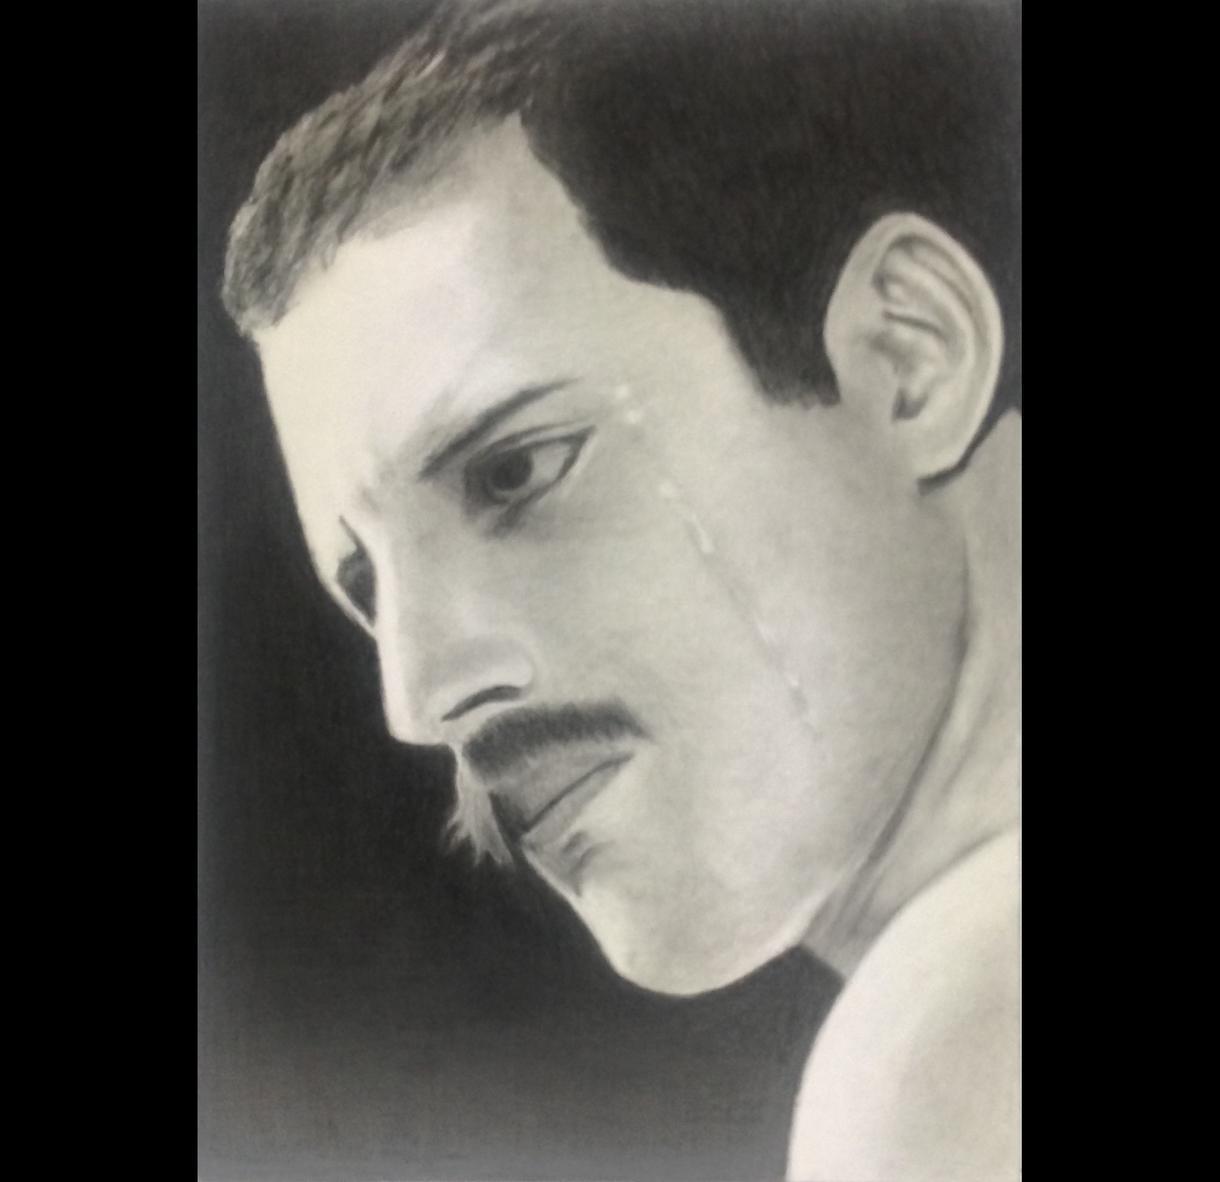 写真から肖像画(A3サイズ)製作します リアルな色鉛筆画(手描き)です